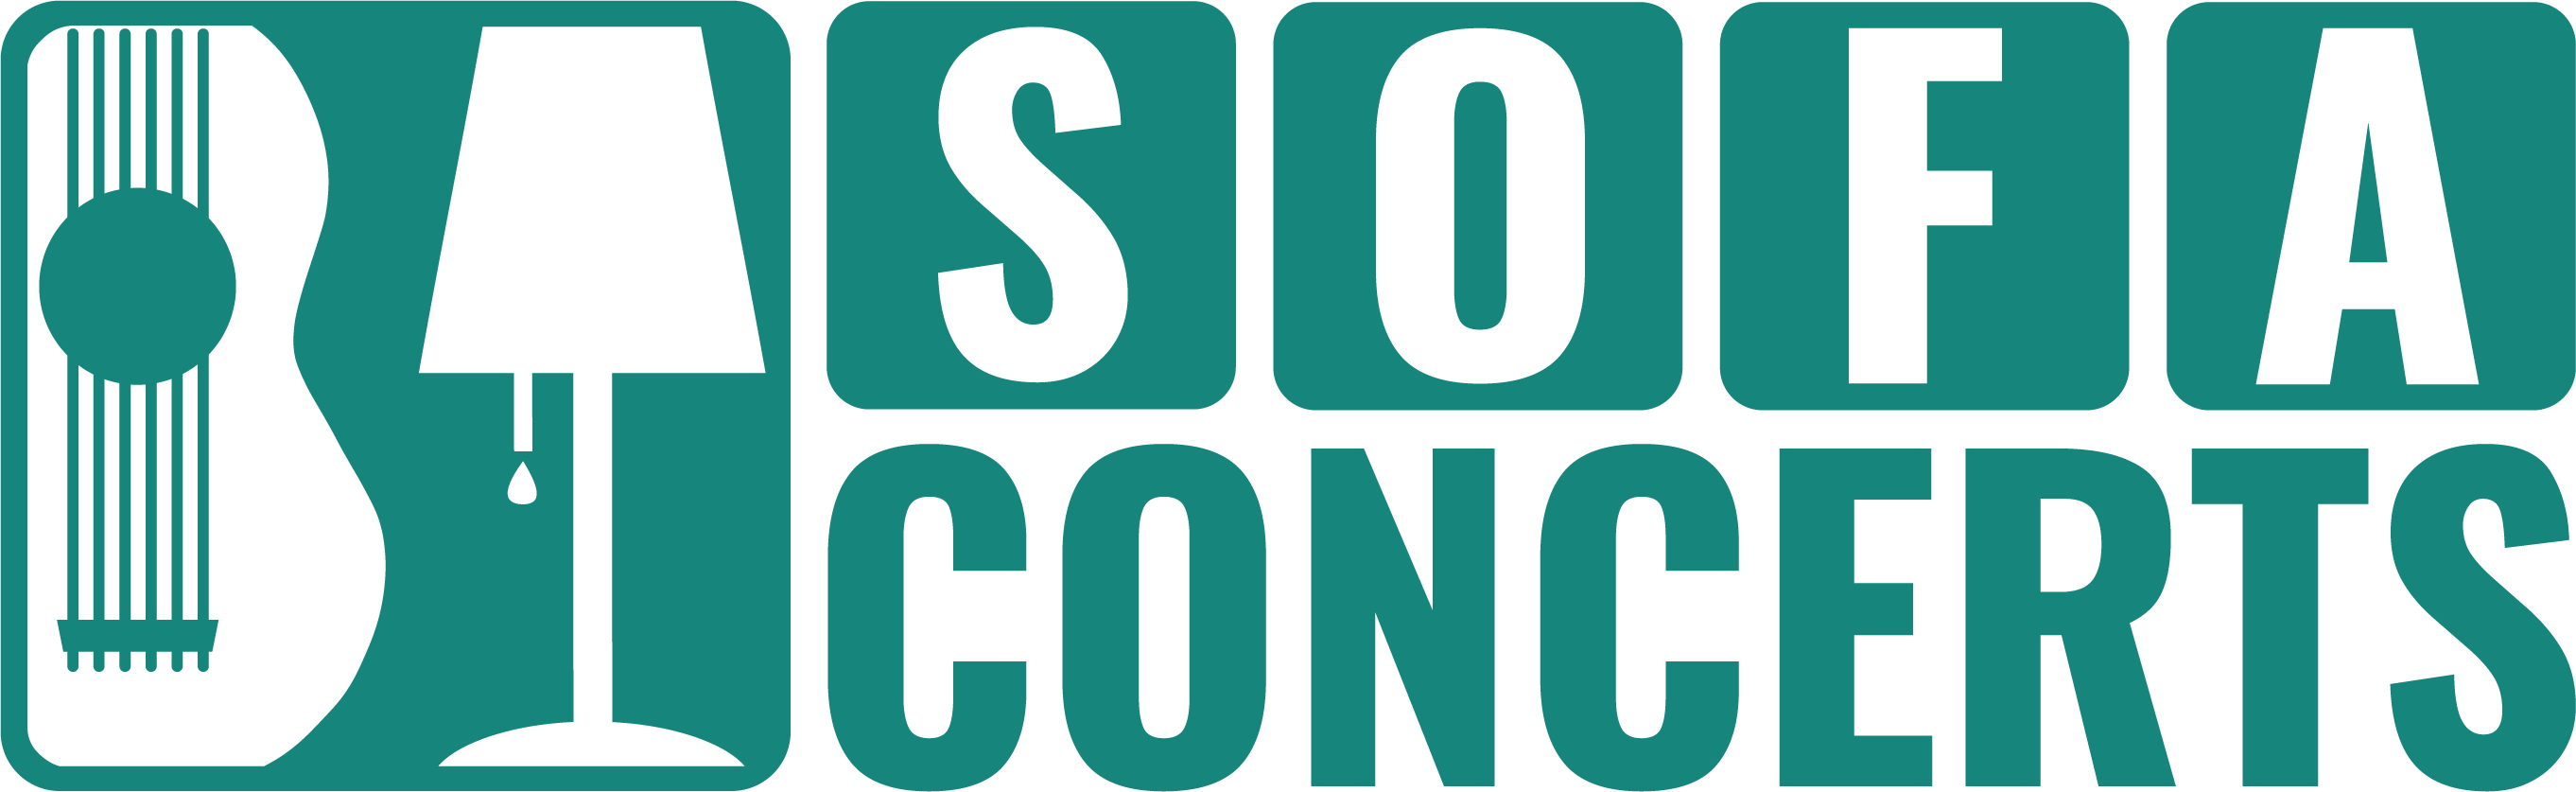 SofaConcerts_Logo